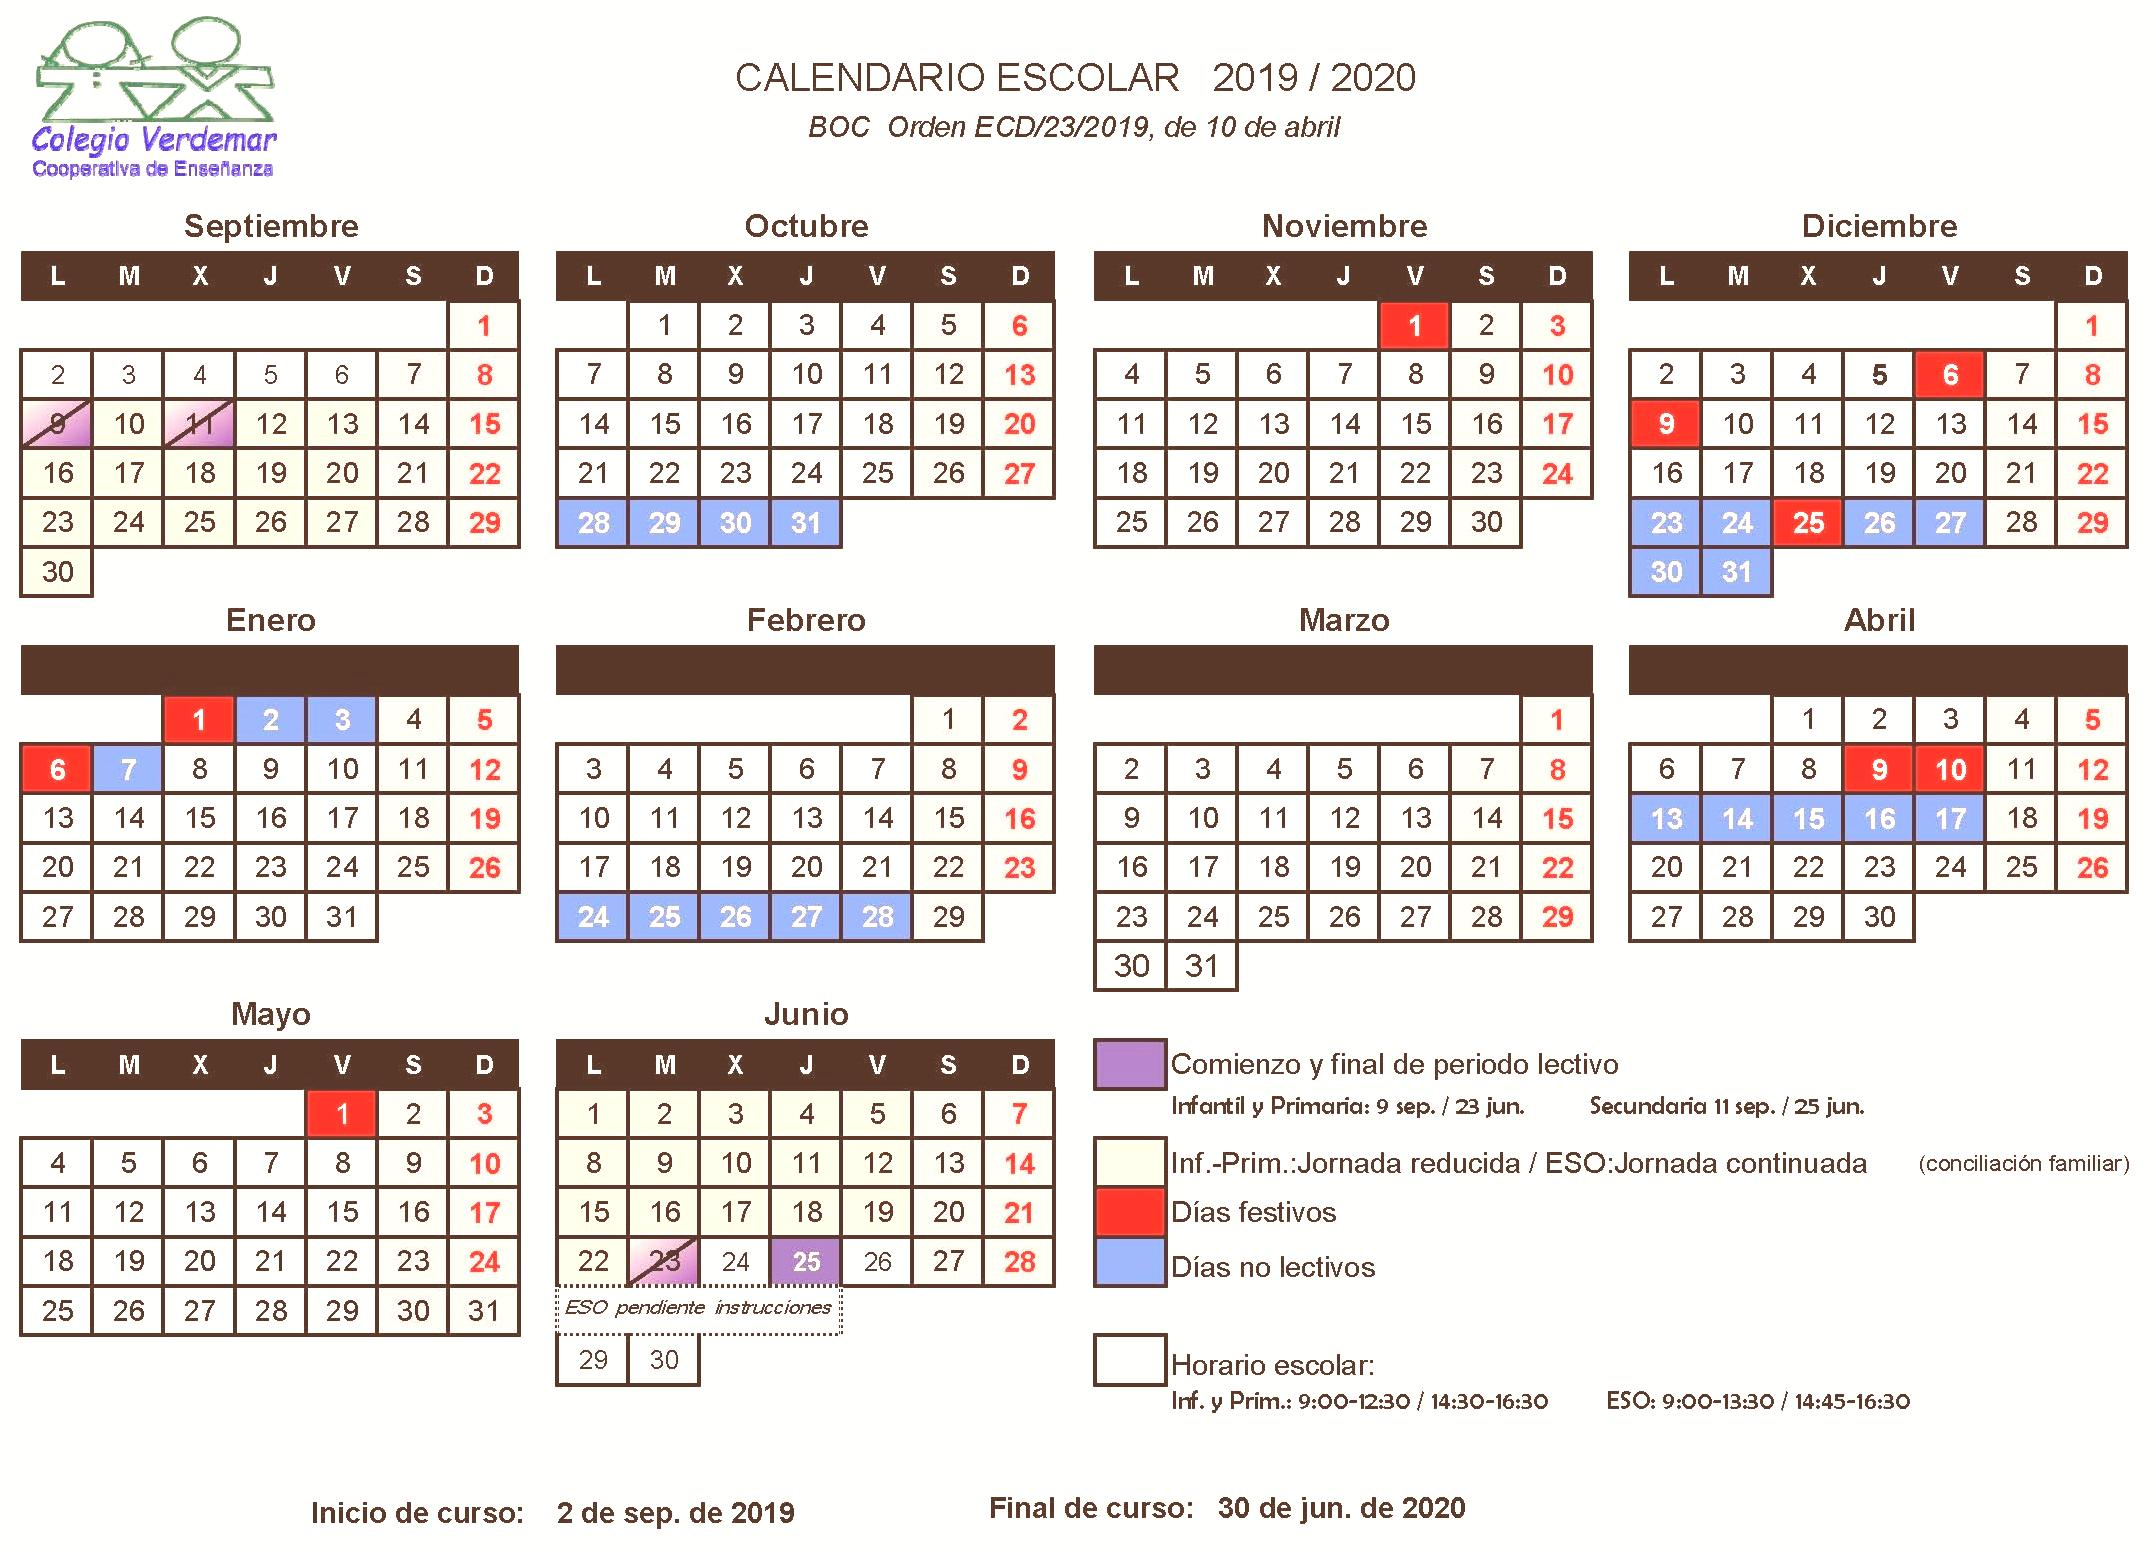 CALENDARIO ESCOLAR CURSO 19-20